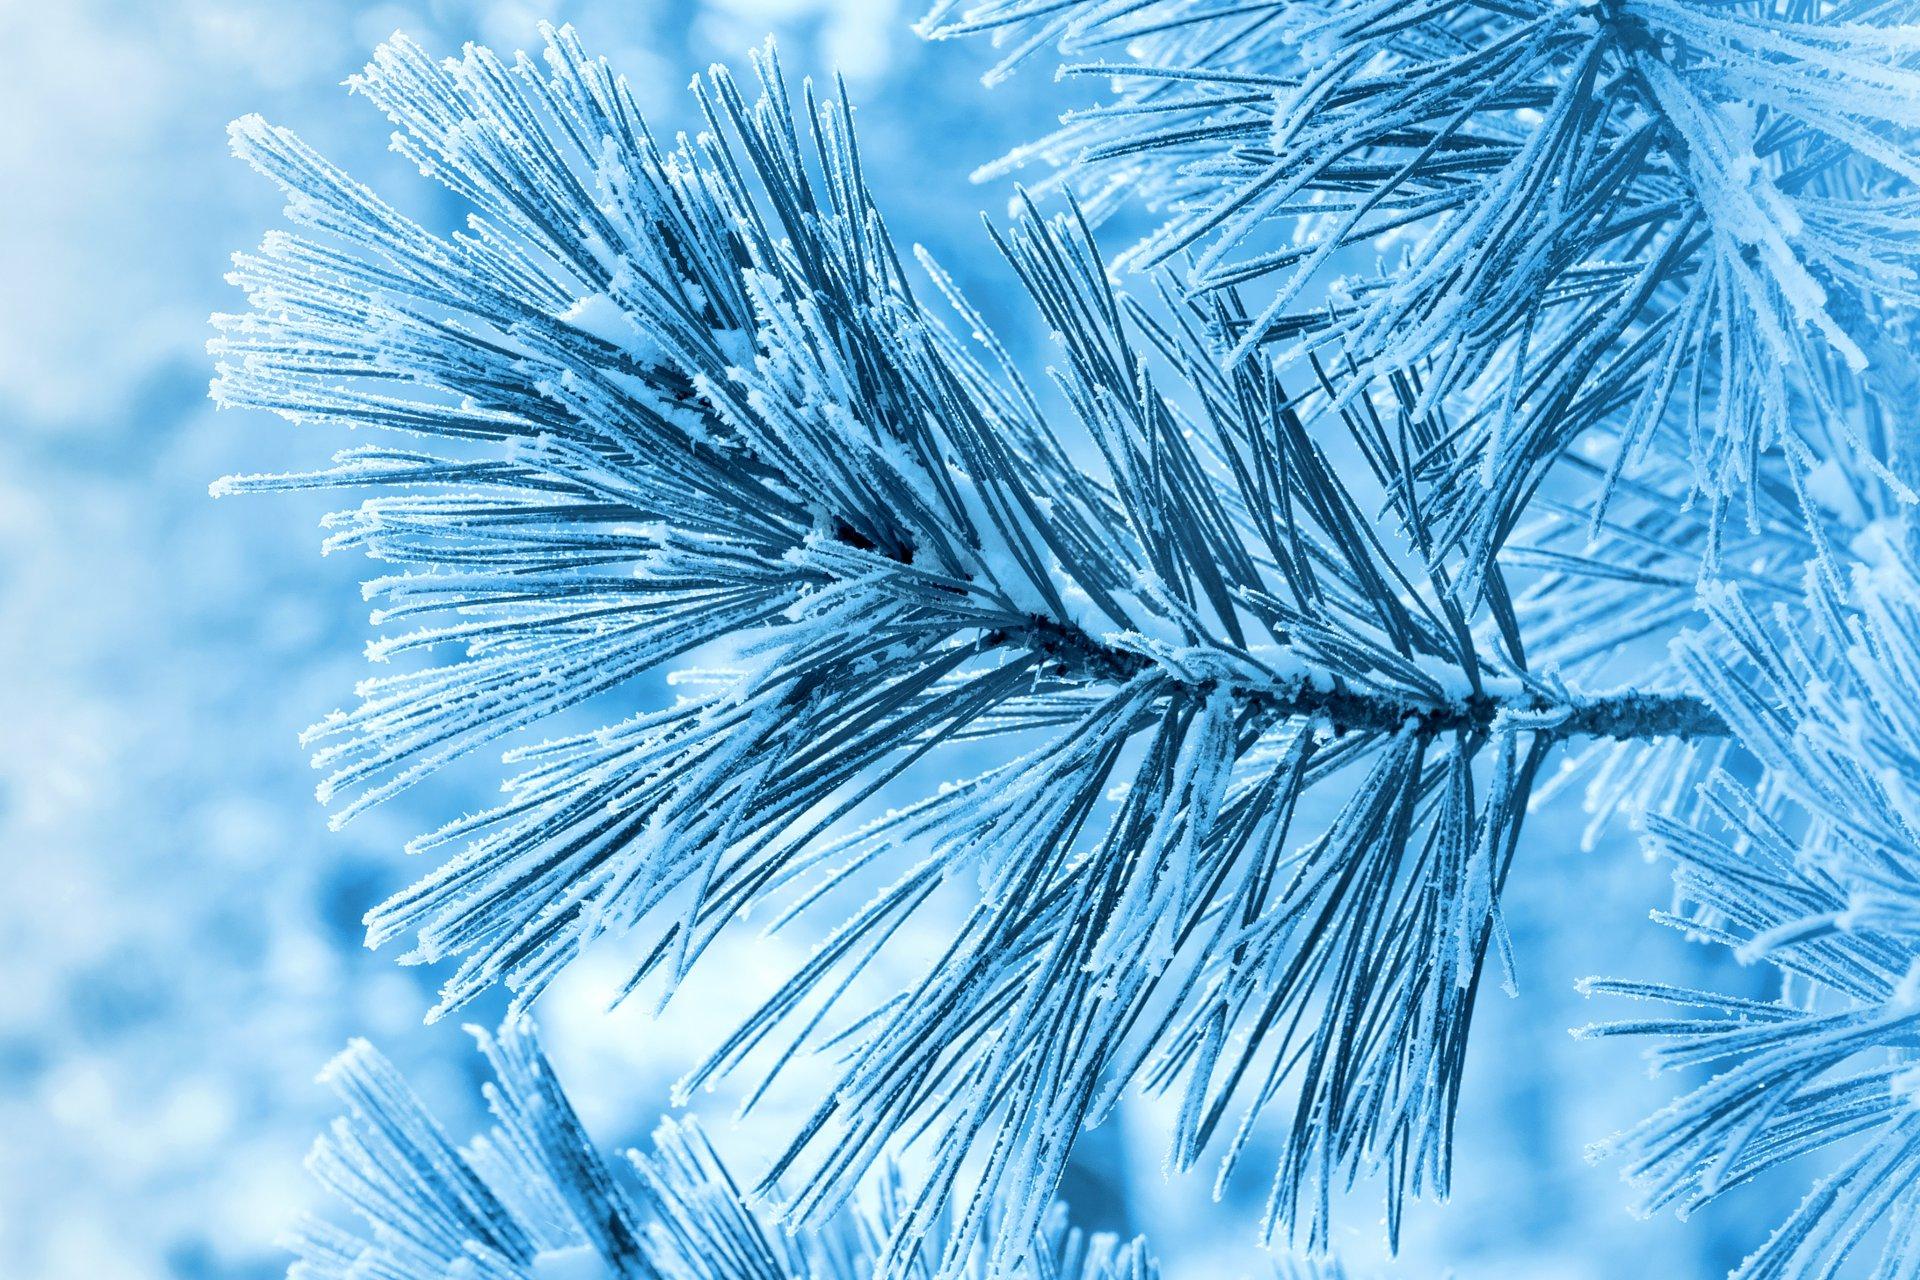 снег ели зима  № 3180840 бесплатно